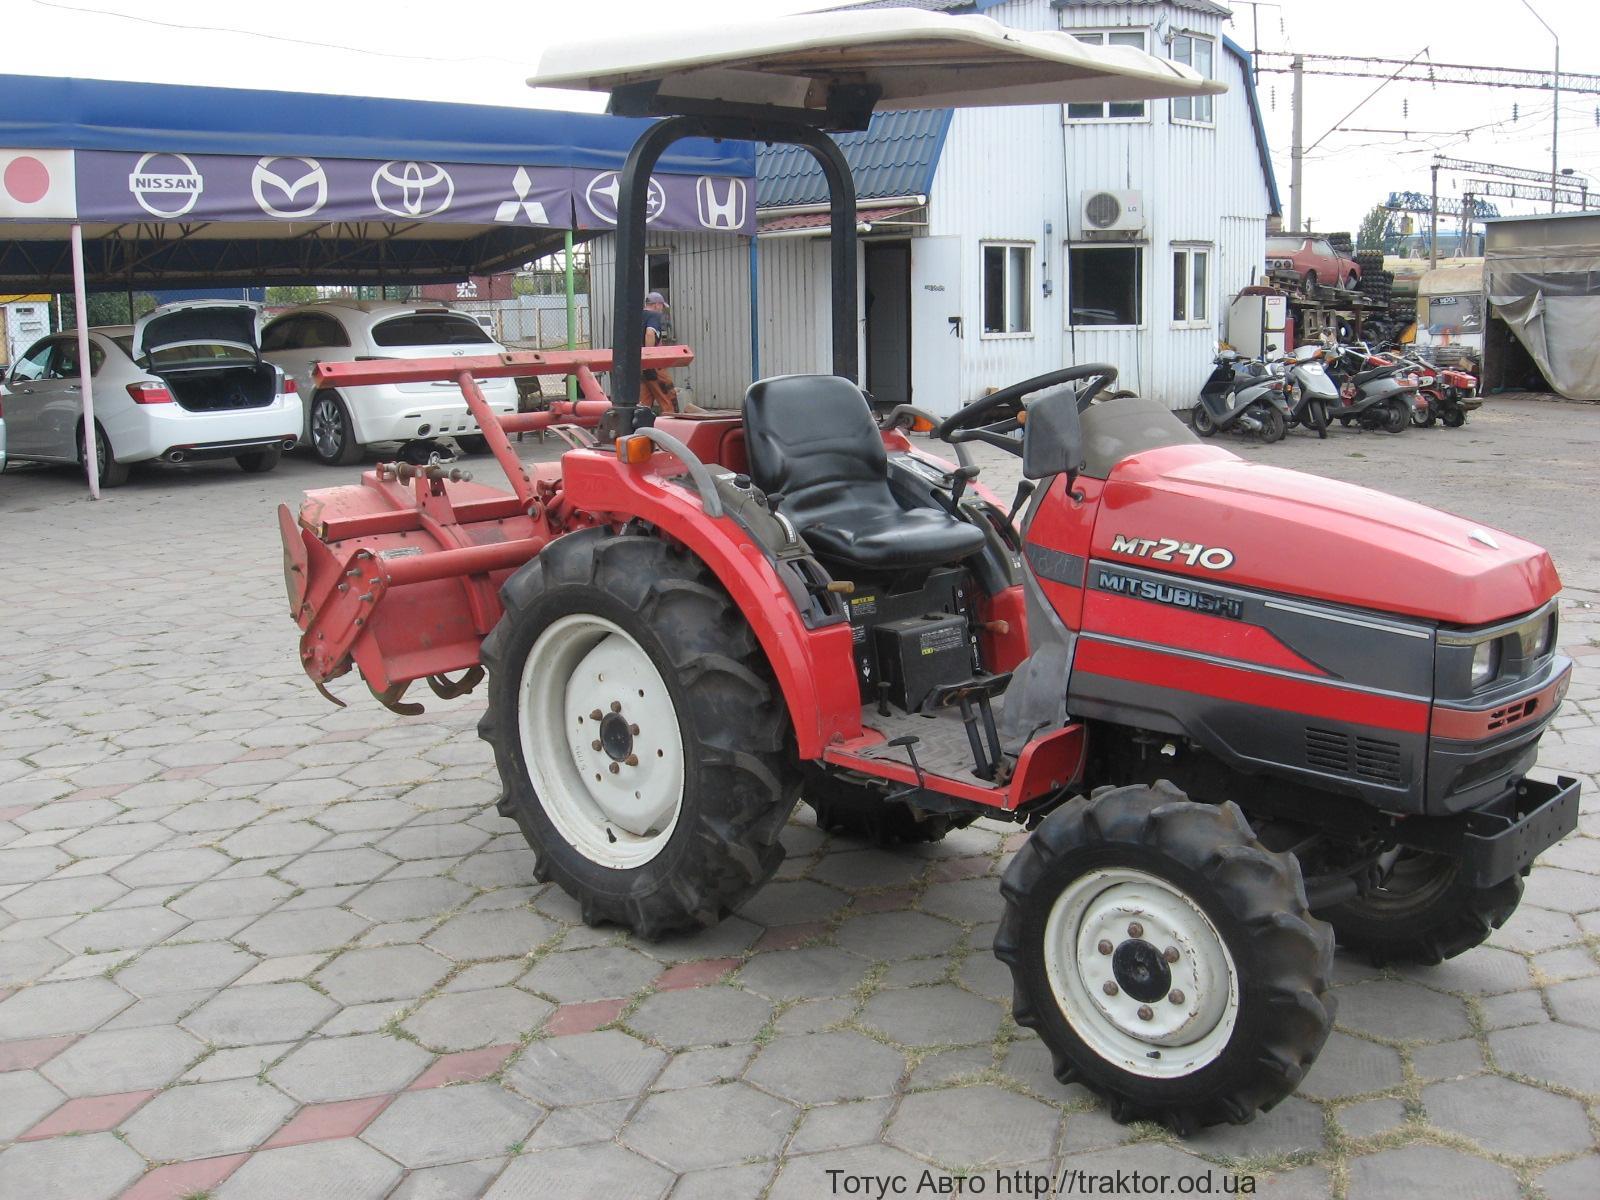 Yanmar traktor forum